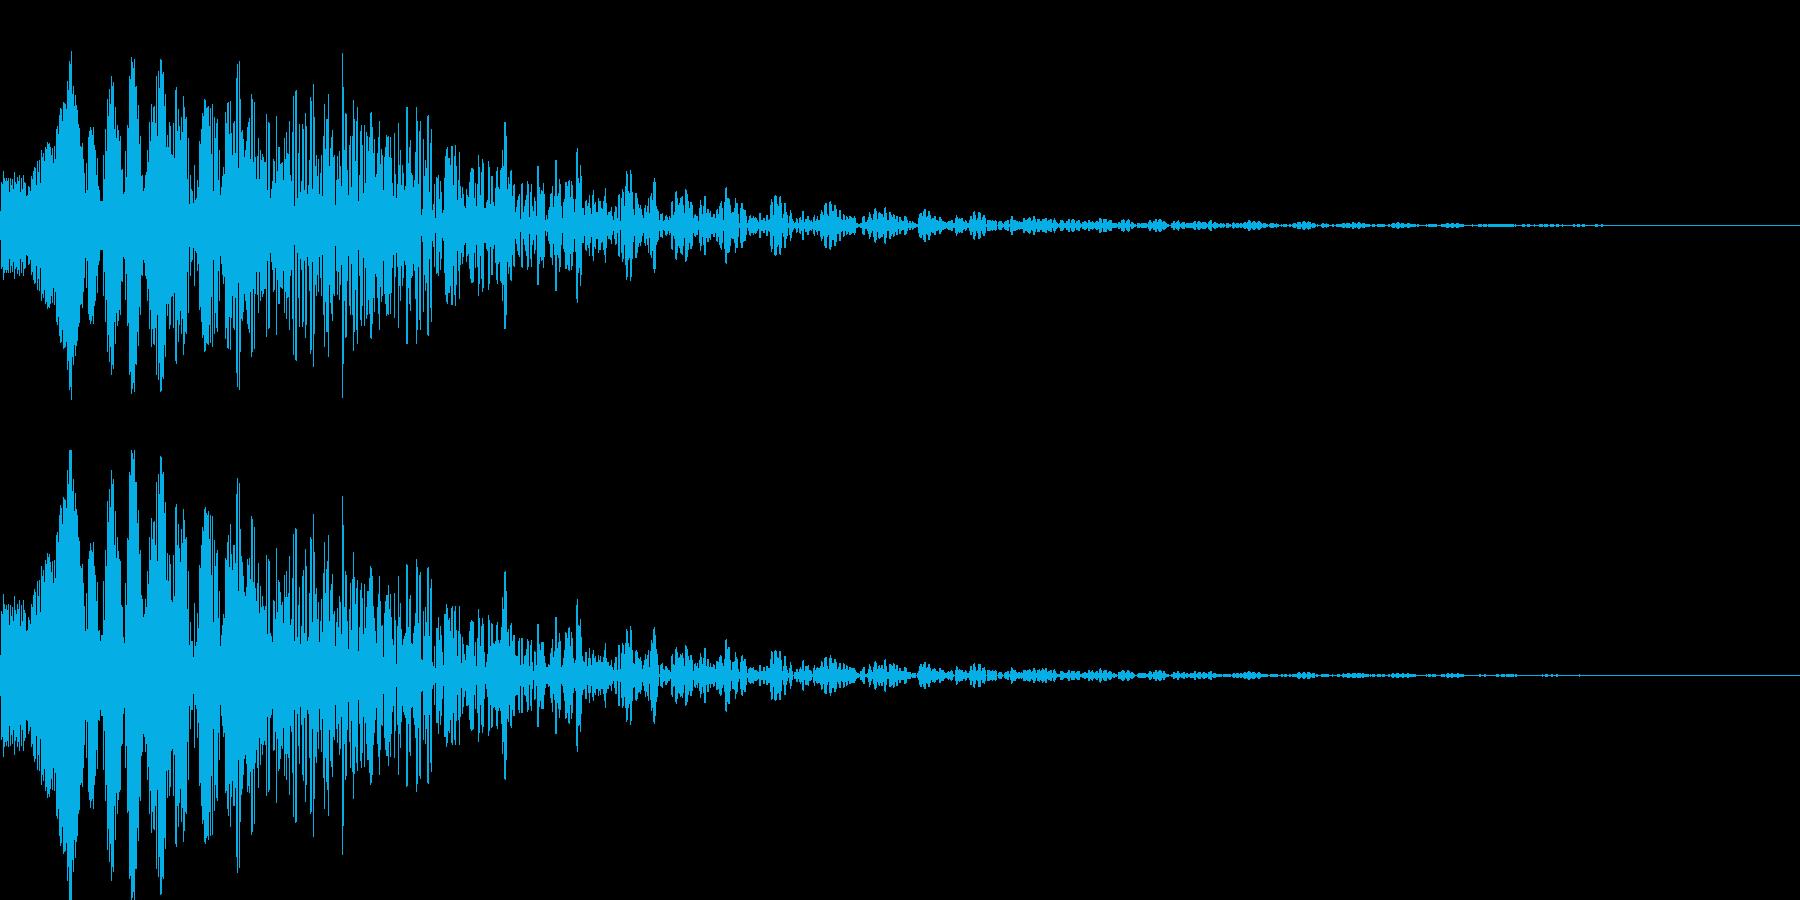 キャンセルする時などの効果音の再生済みの波形